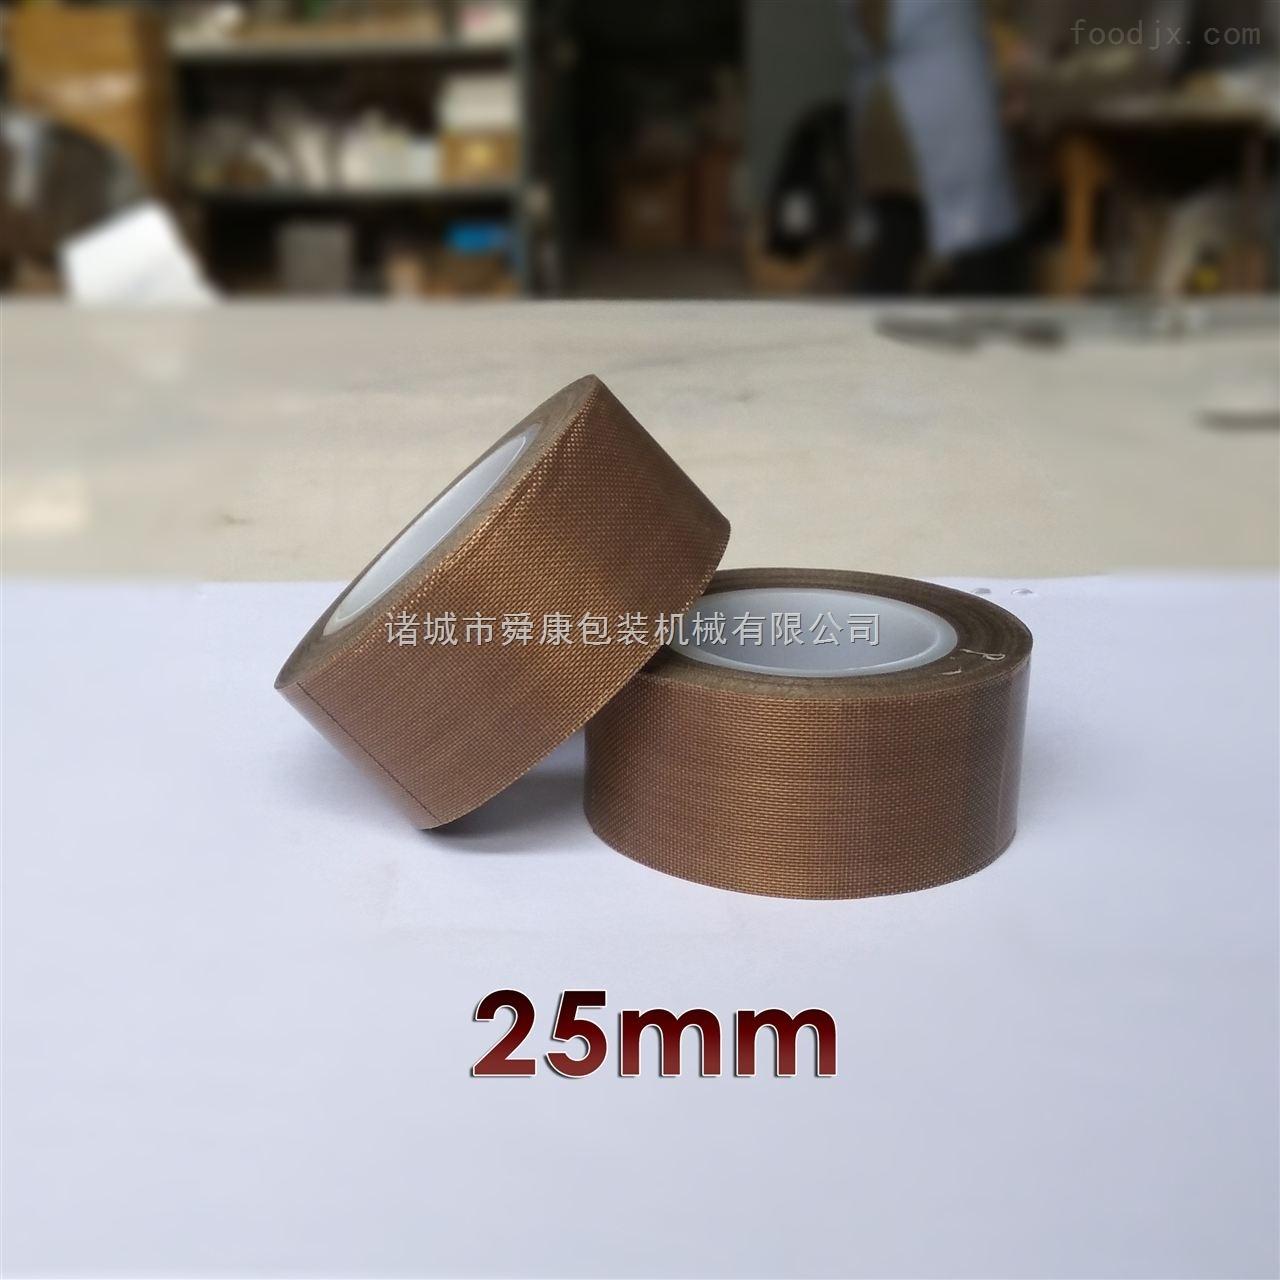 铁氟龙耐高温胶带 隔热特氟龙高温布封口机25mm绝缘耐热胶布